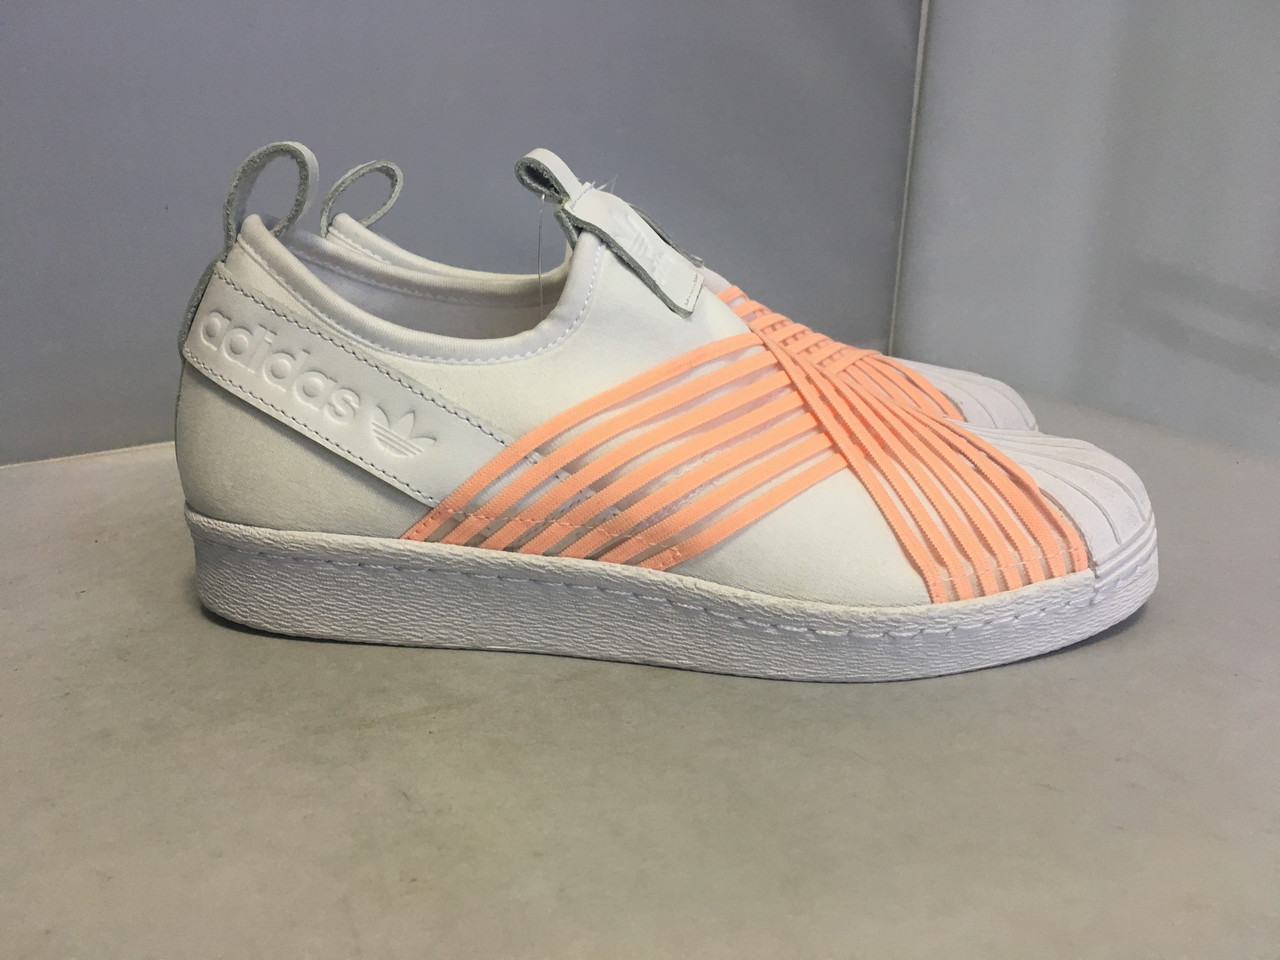 Женские кроссовки Adidas Superstar, 38 размер